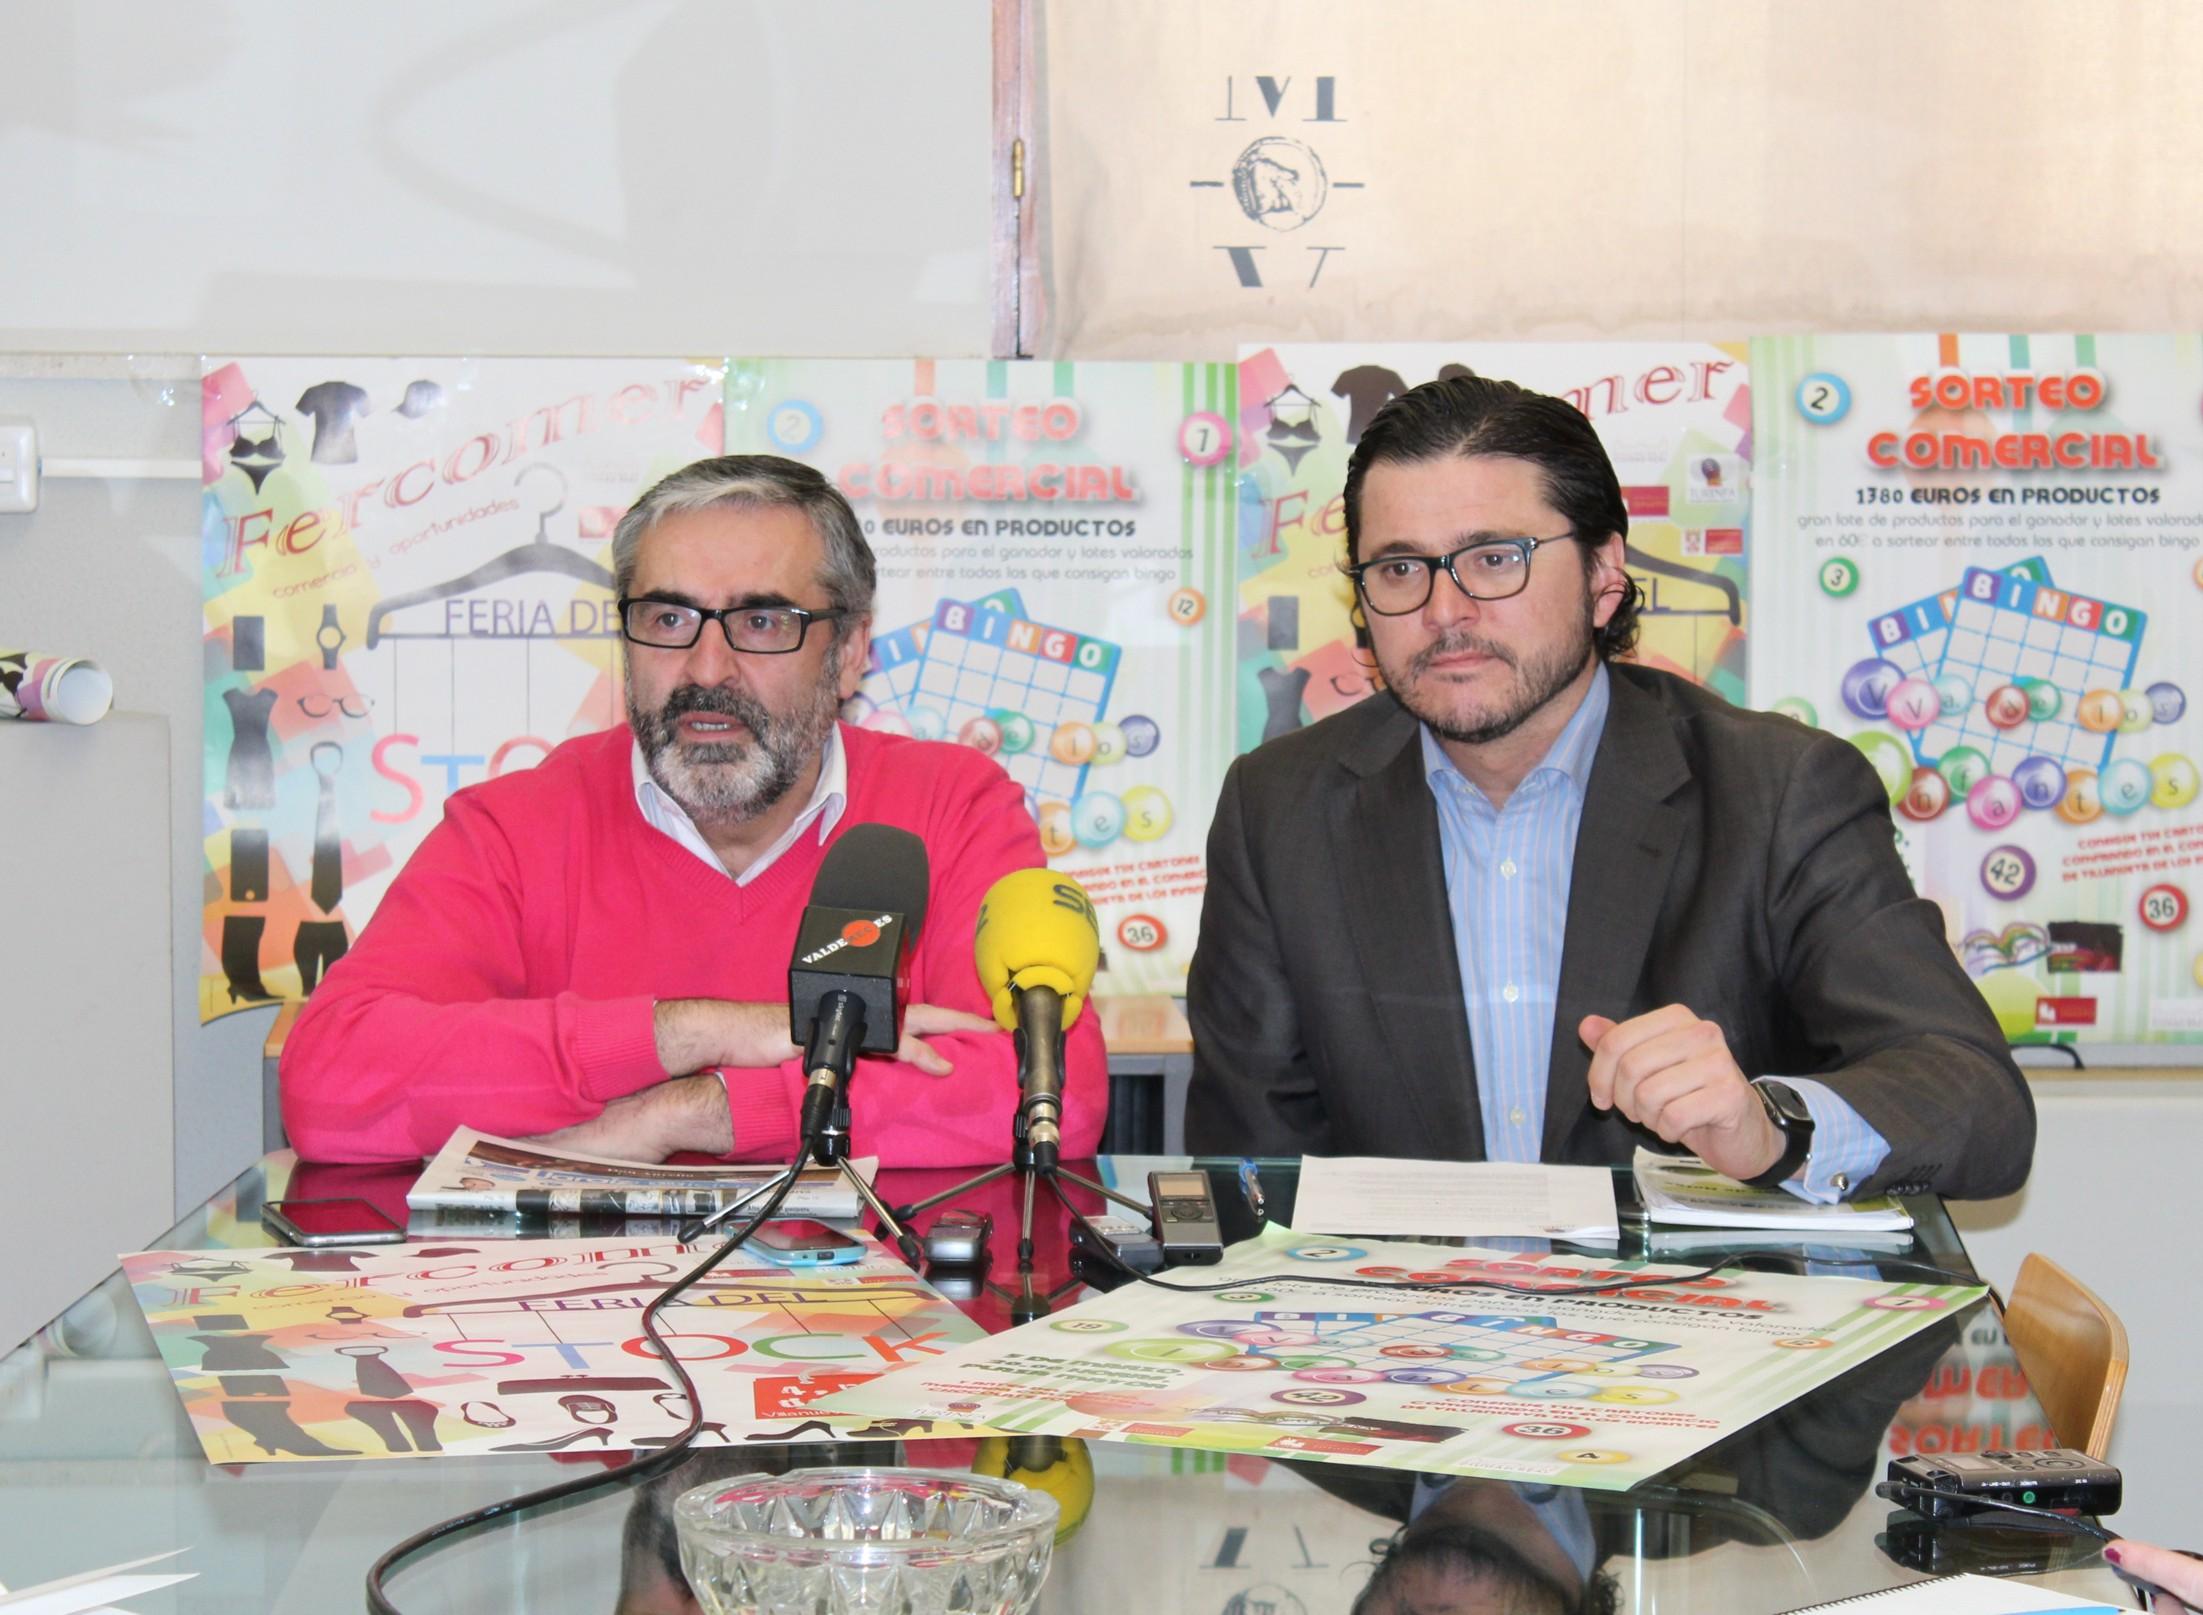 Villanueva de los Infantes acoge la Feria del Stock los días 4, 5 y 6 de marzo